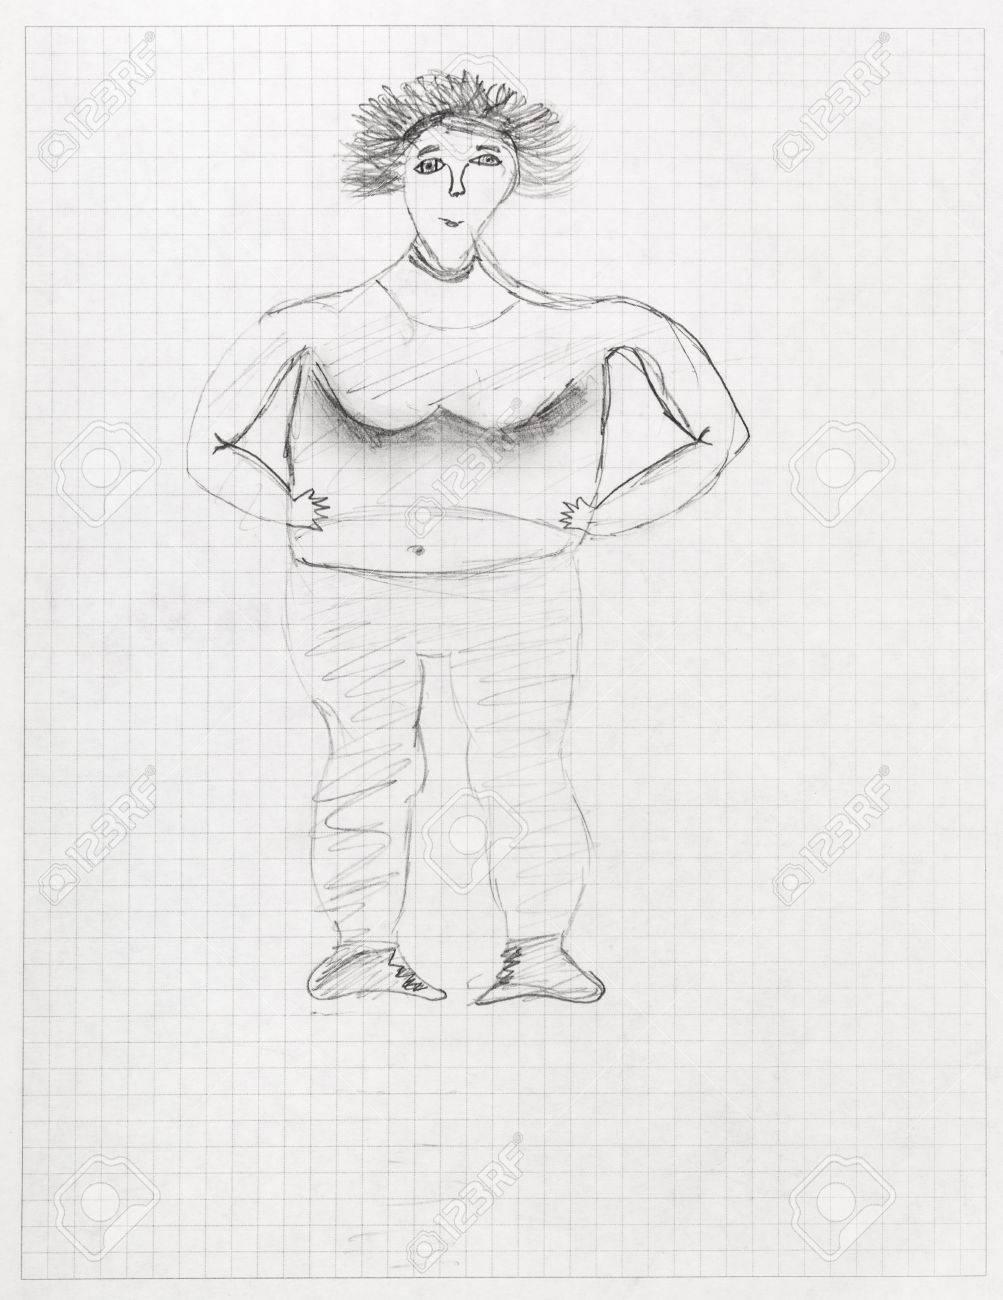 Los Niños De Dibujo Retrato De Mujer Grande Con Lápiz Negro En La Hoja De Cuaderno Escolar Cuadriculado